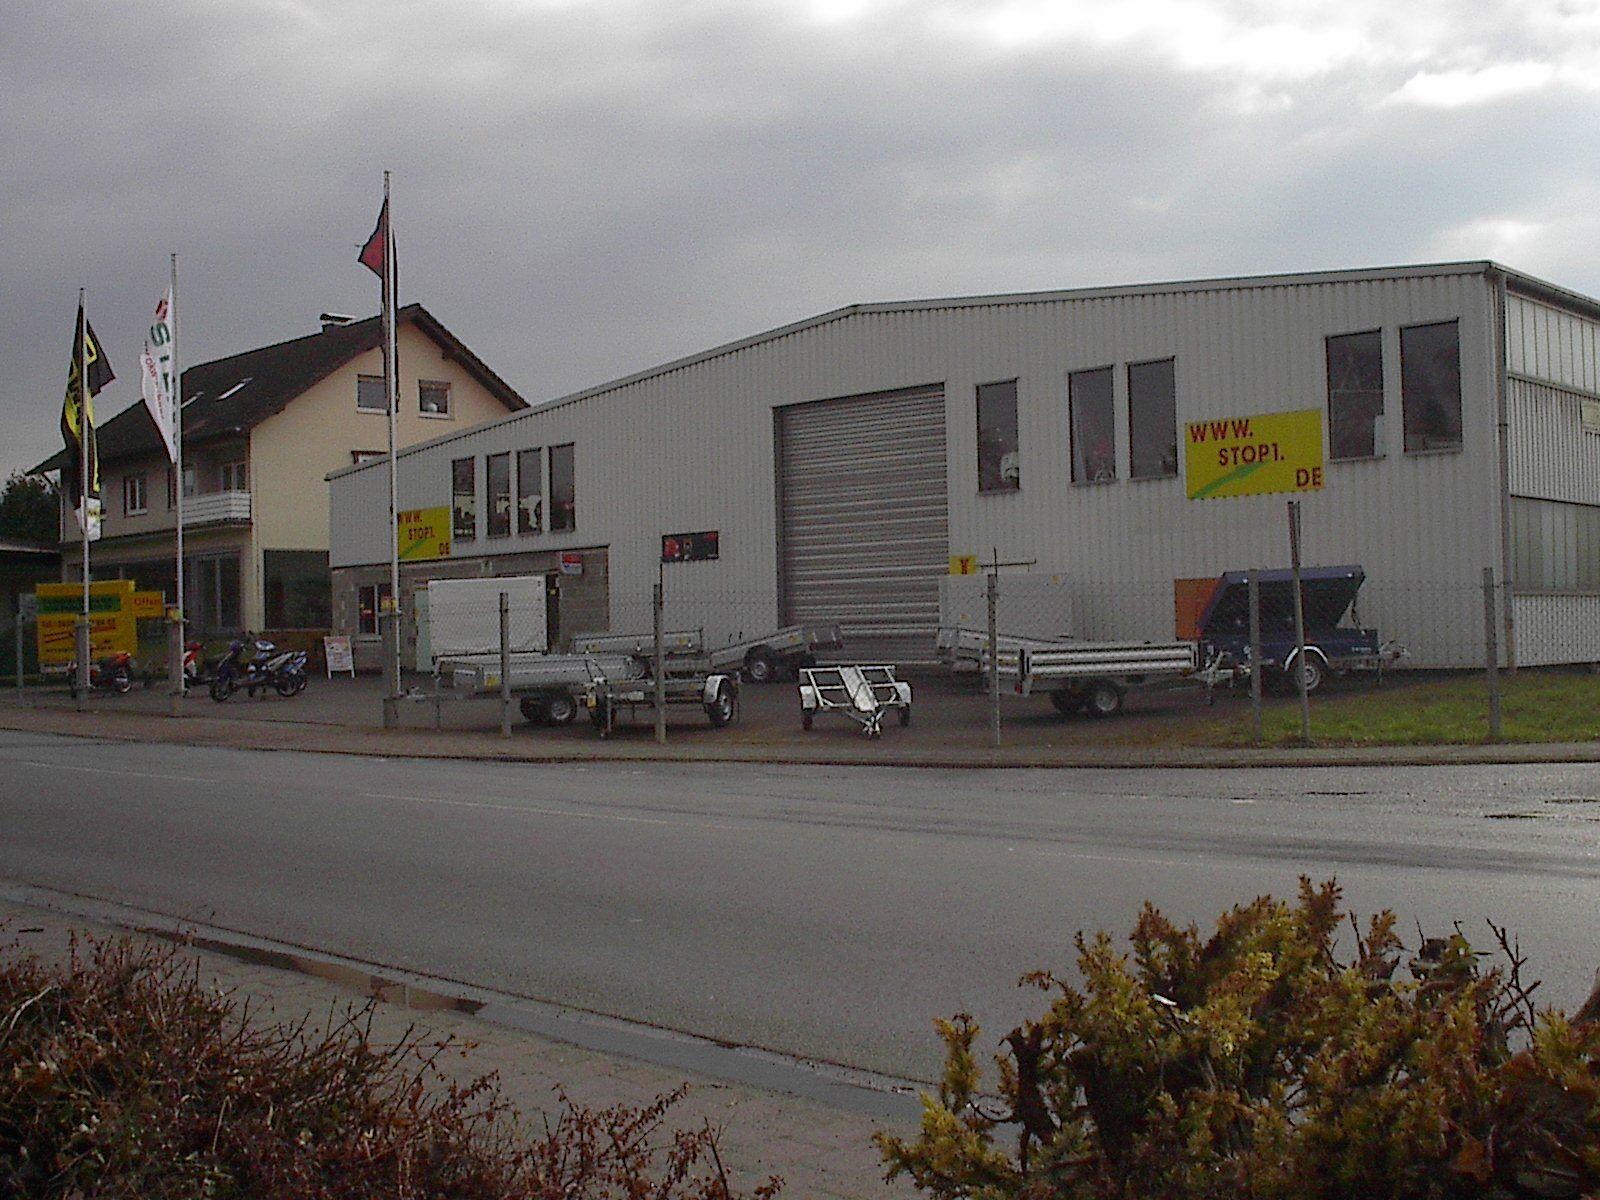 UllmannShop_de